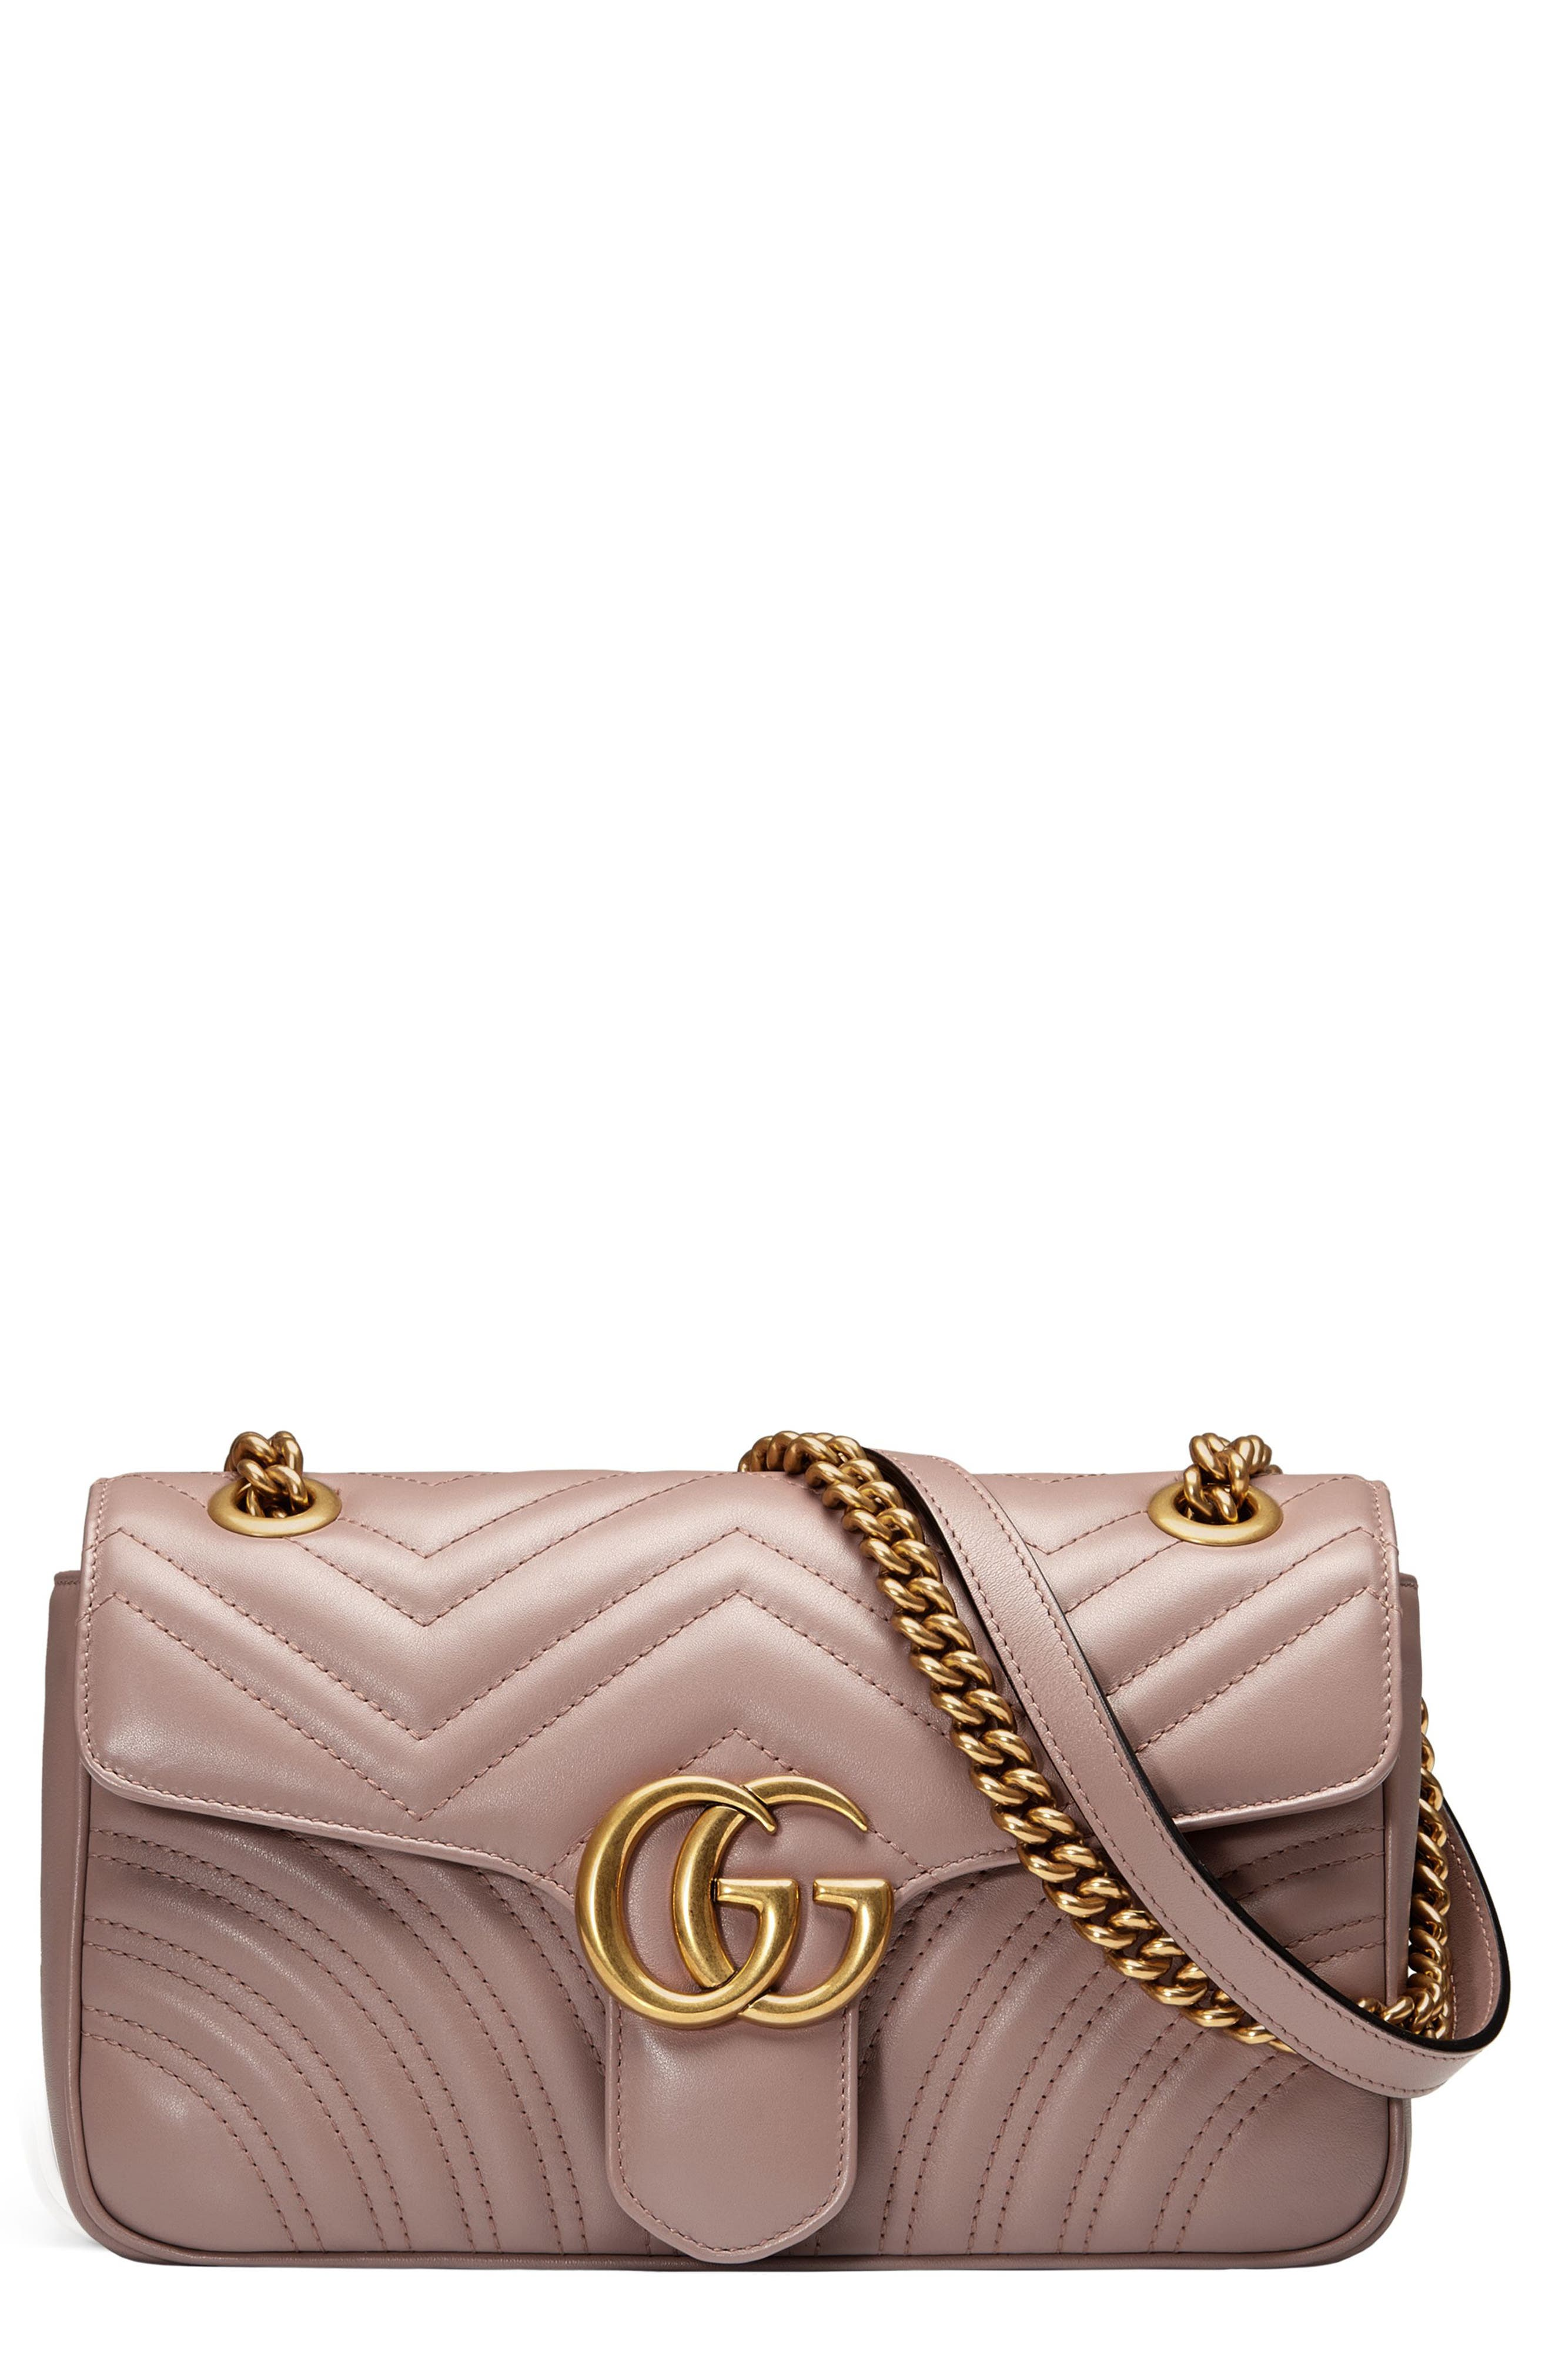 GUCCI, Small GG Marmont 2.0 Matelassé Leather Shoulder Bag, Main thumbnail 1, color, PORCELAIN ROSE/ PORCELAIN ROSE